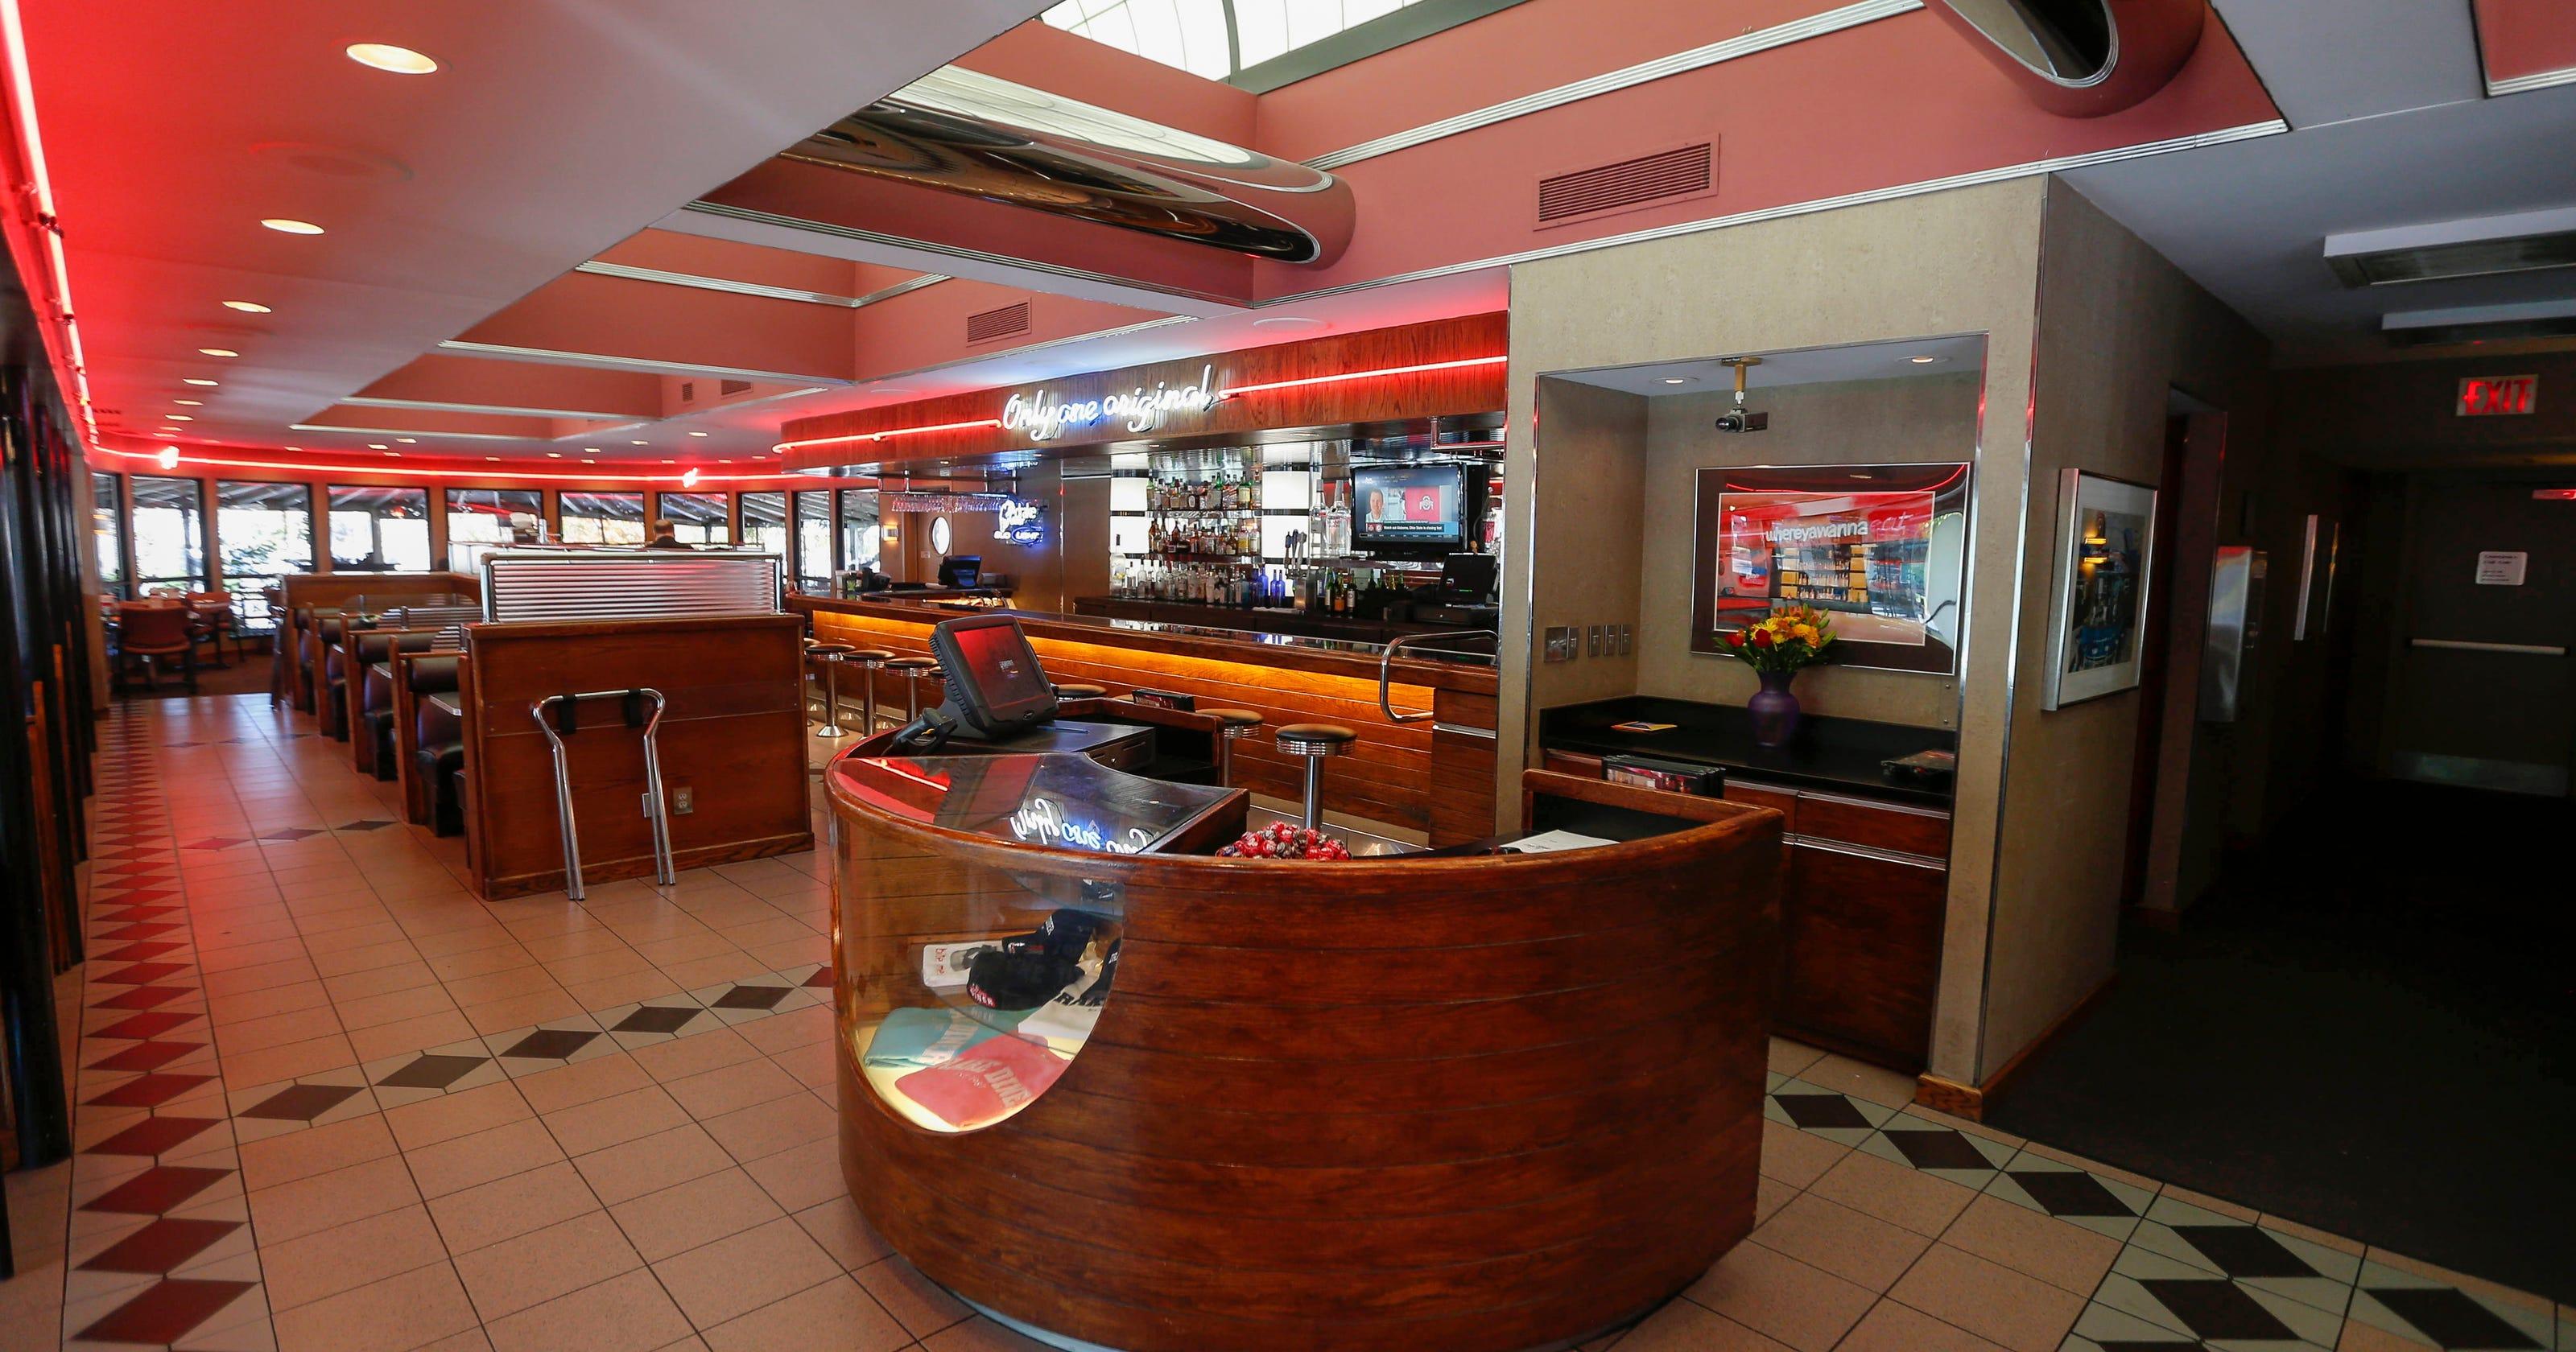 813d271af87 Review: Drake Diner satisfies, but service falls short